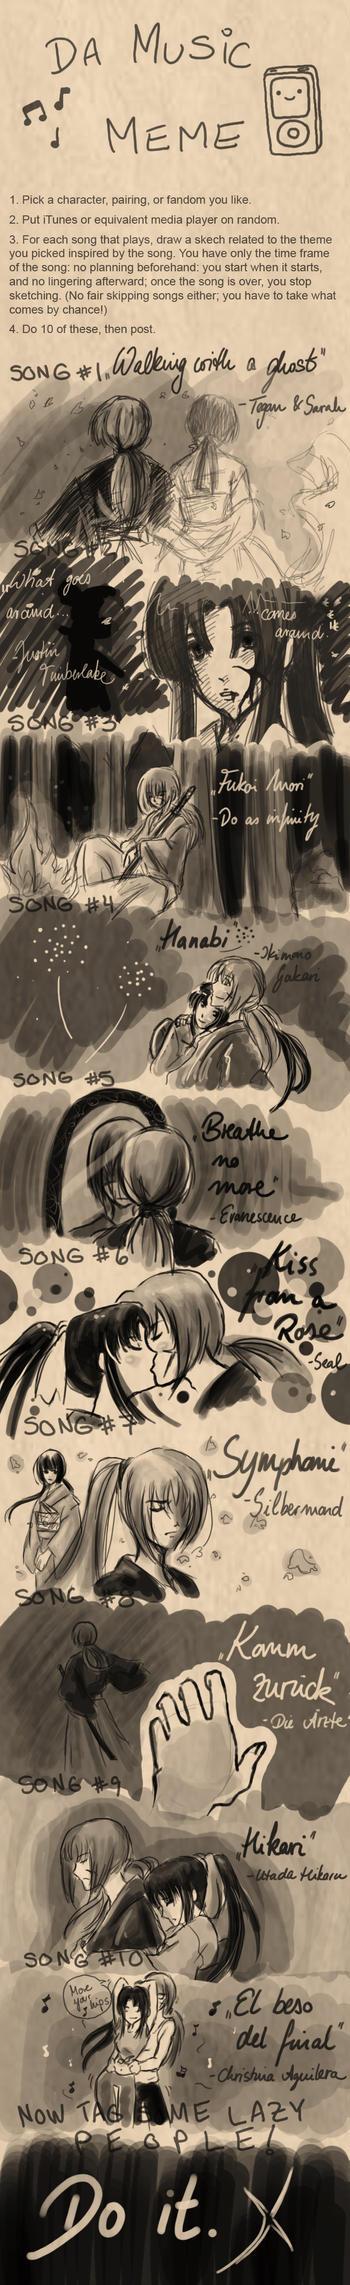 Music Meme by Nichii